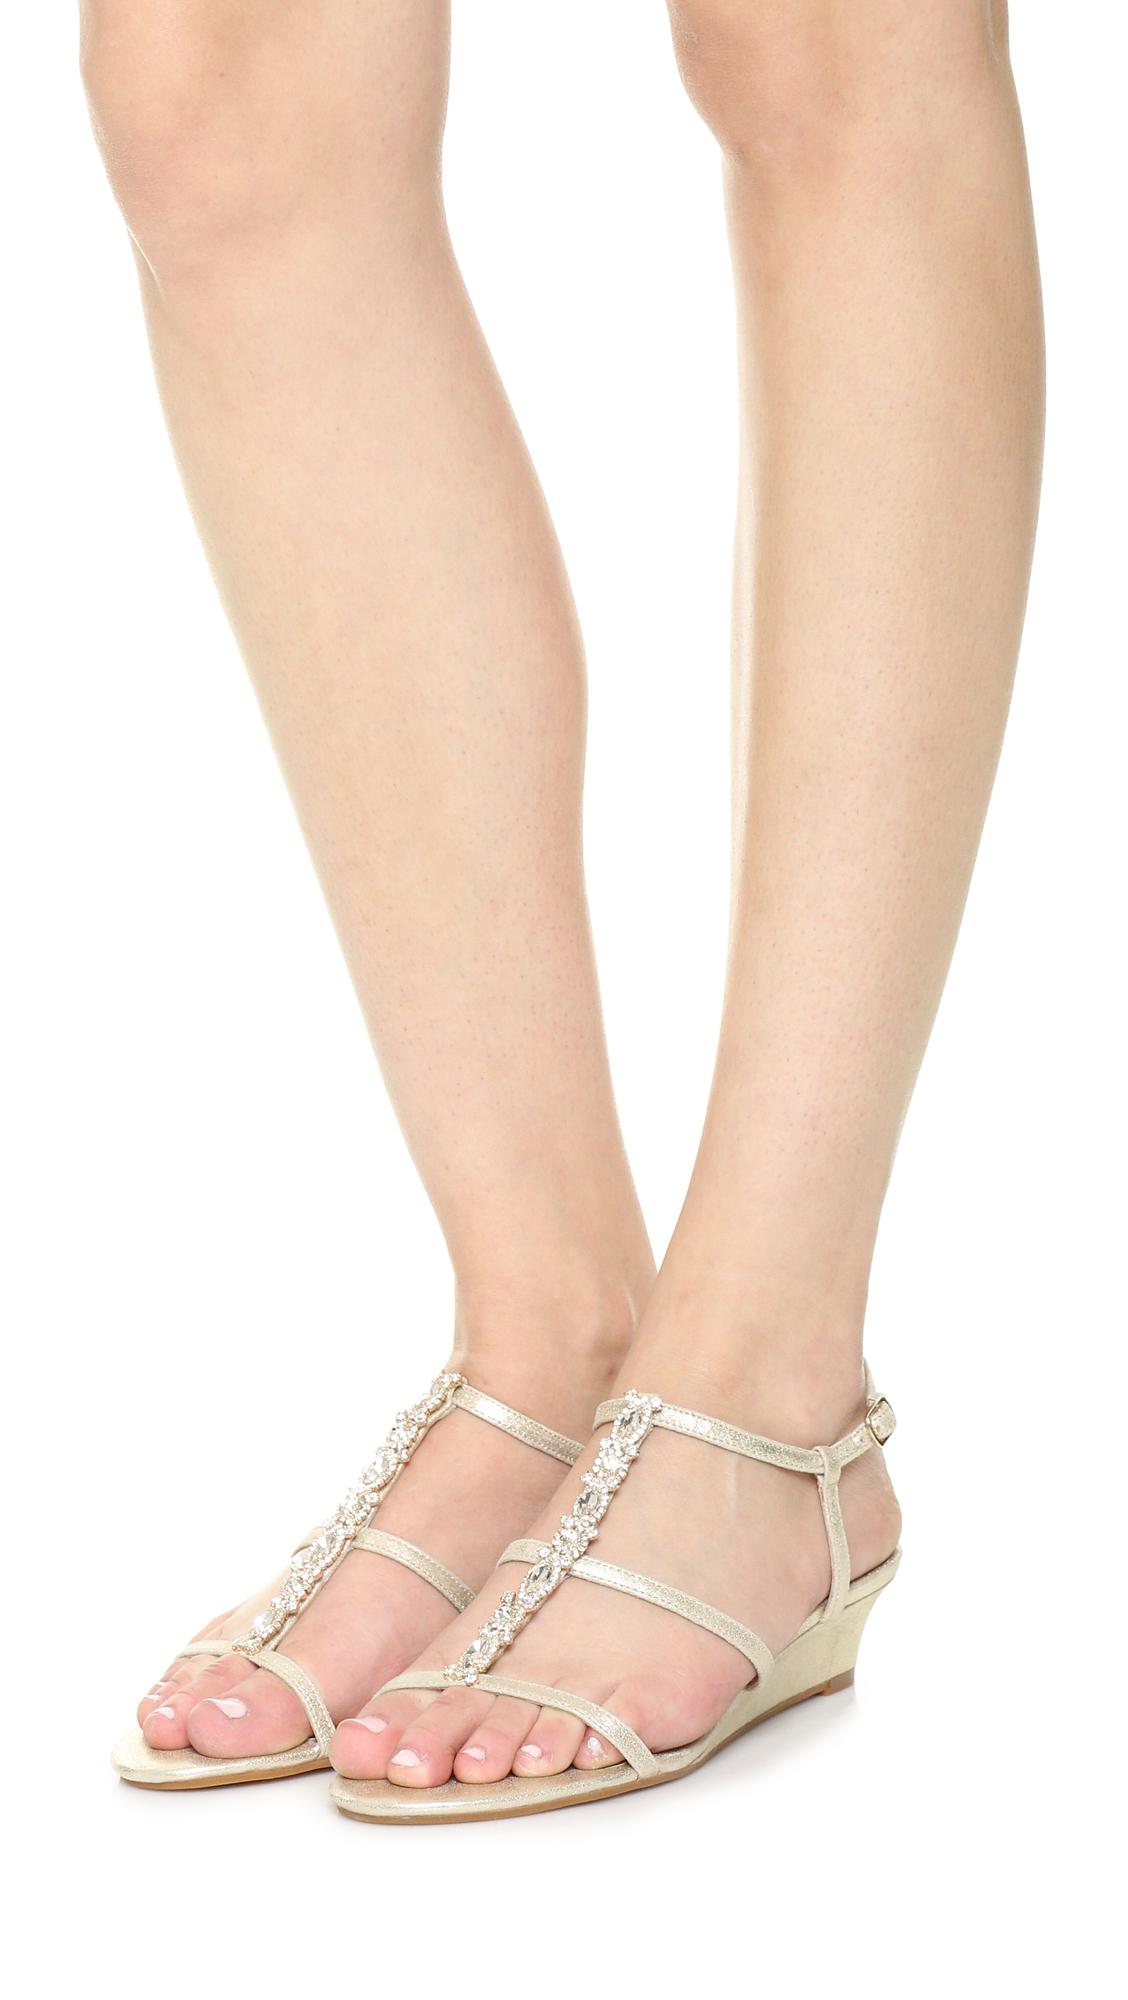 Badgley Mischka Terry Embellished T Strap Wedge Sandals s0v7t1EQME